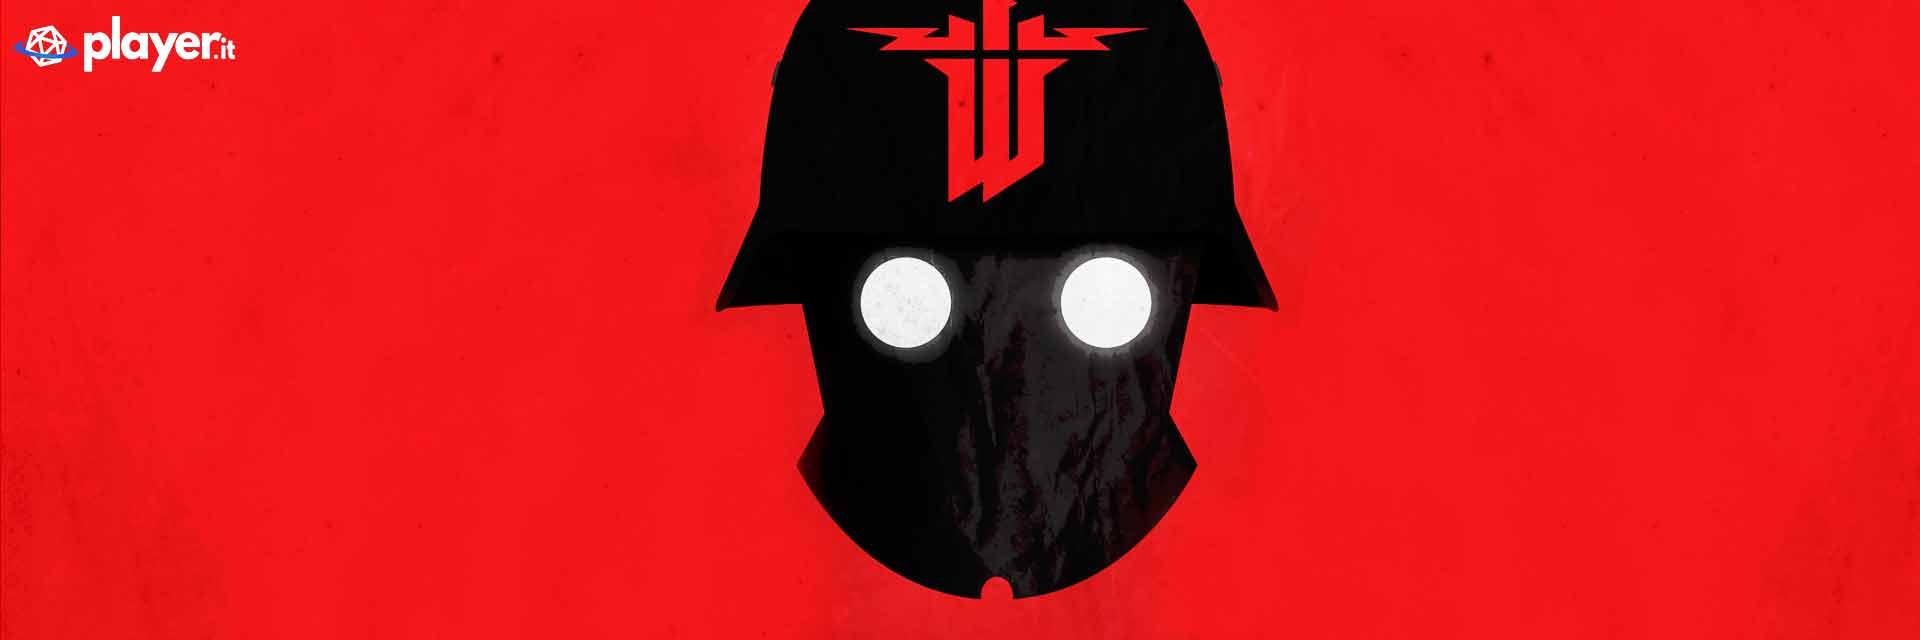 Wolfenstein: The New Order wallpaper in hd